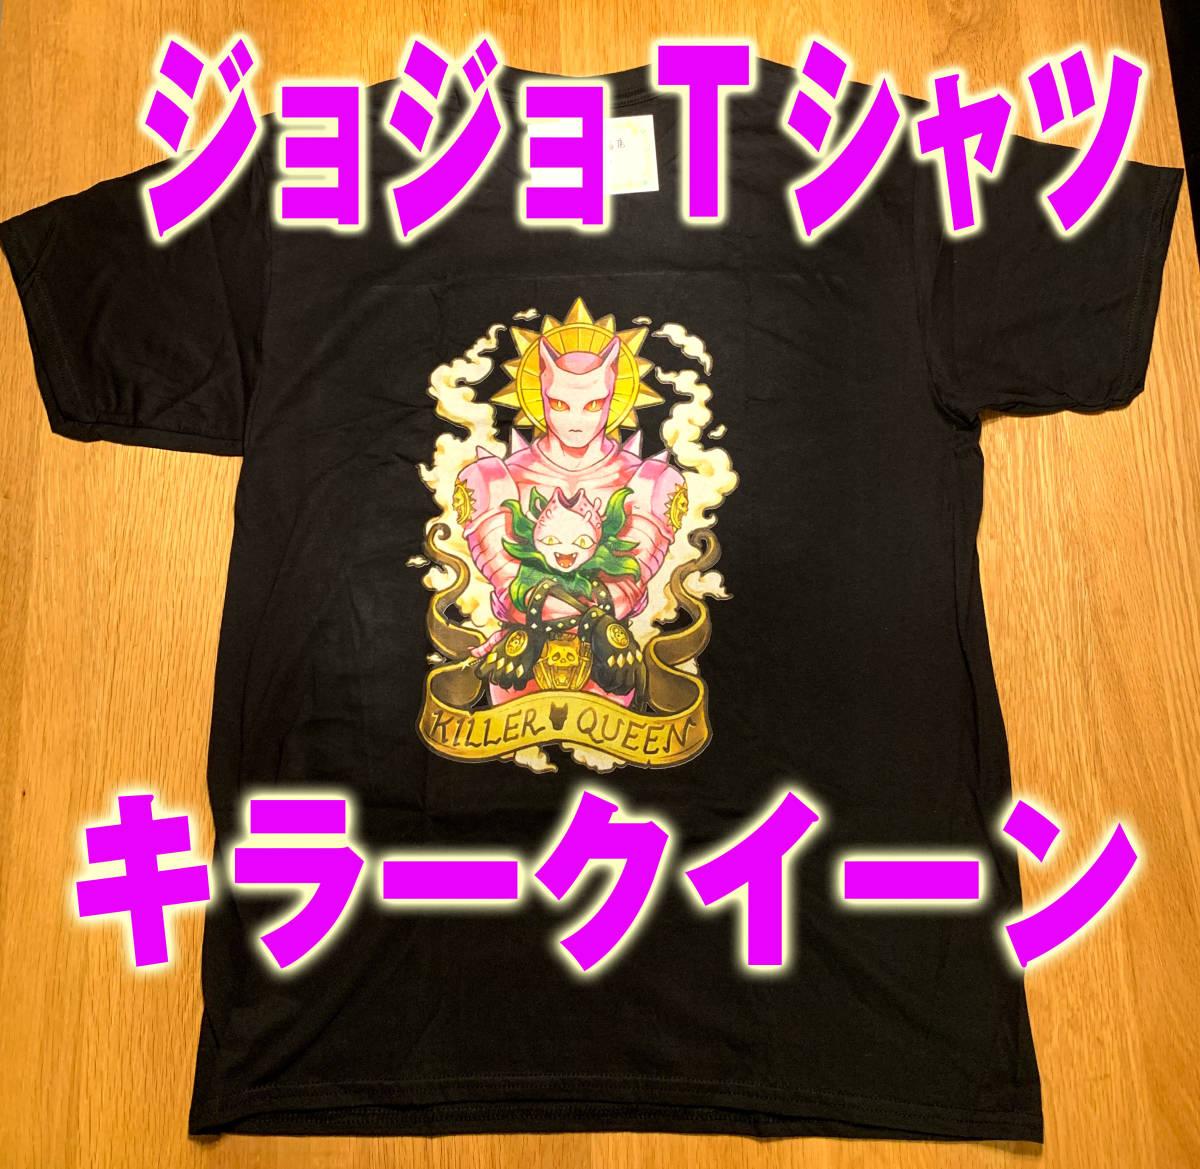 吉良吉影 / キラークイーンTシャツ サイズL  ジョジョの奇妙な冒険